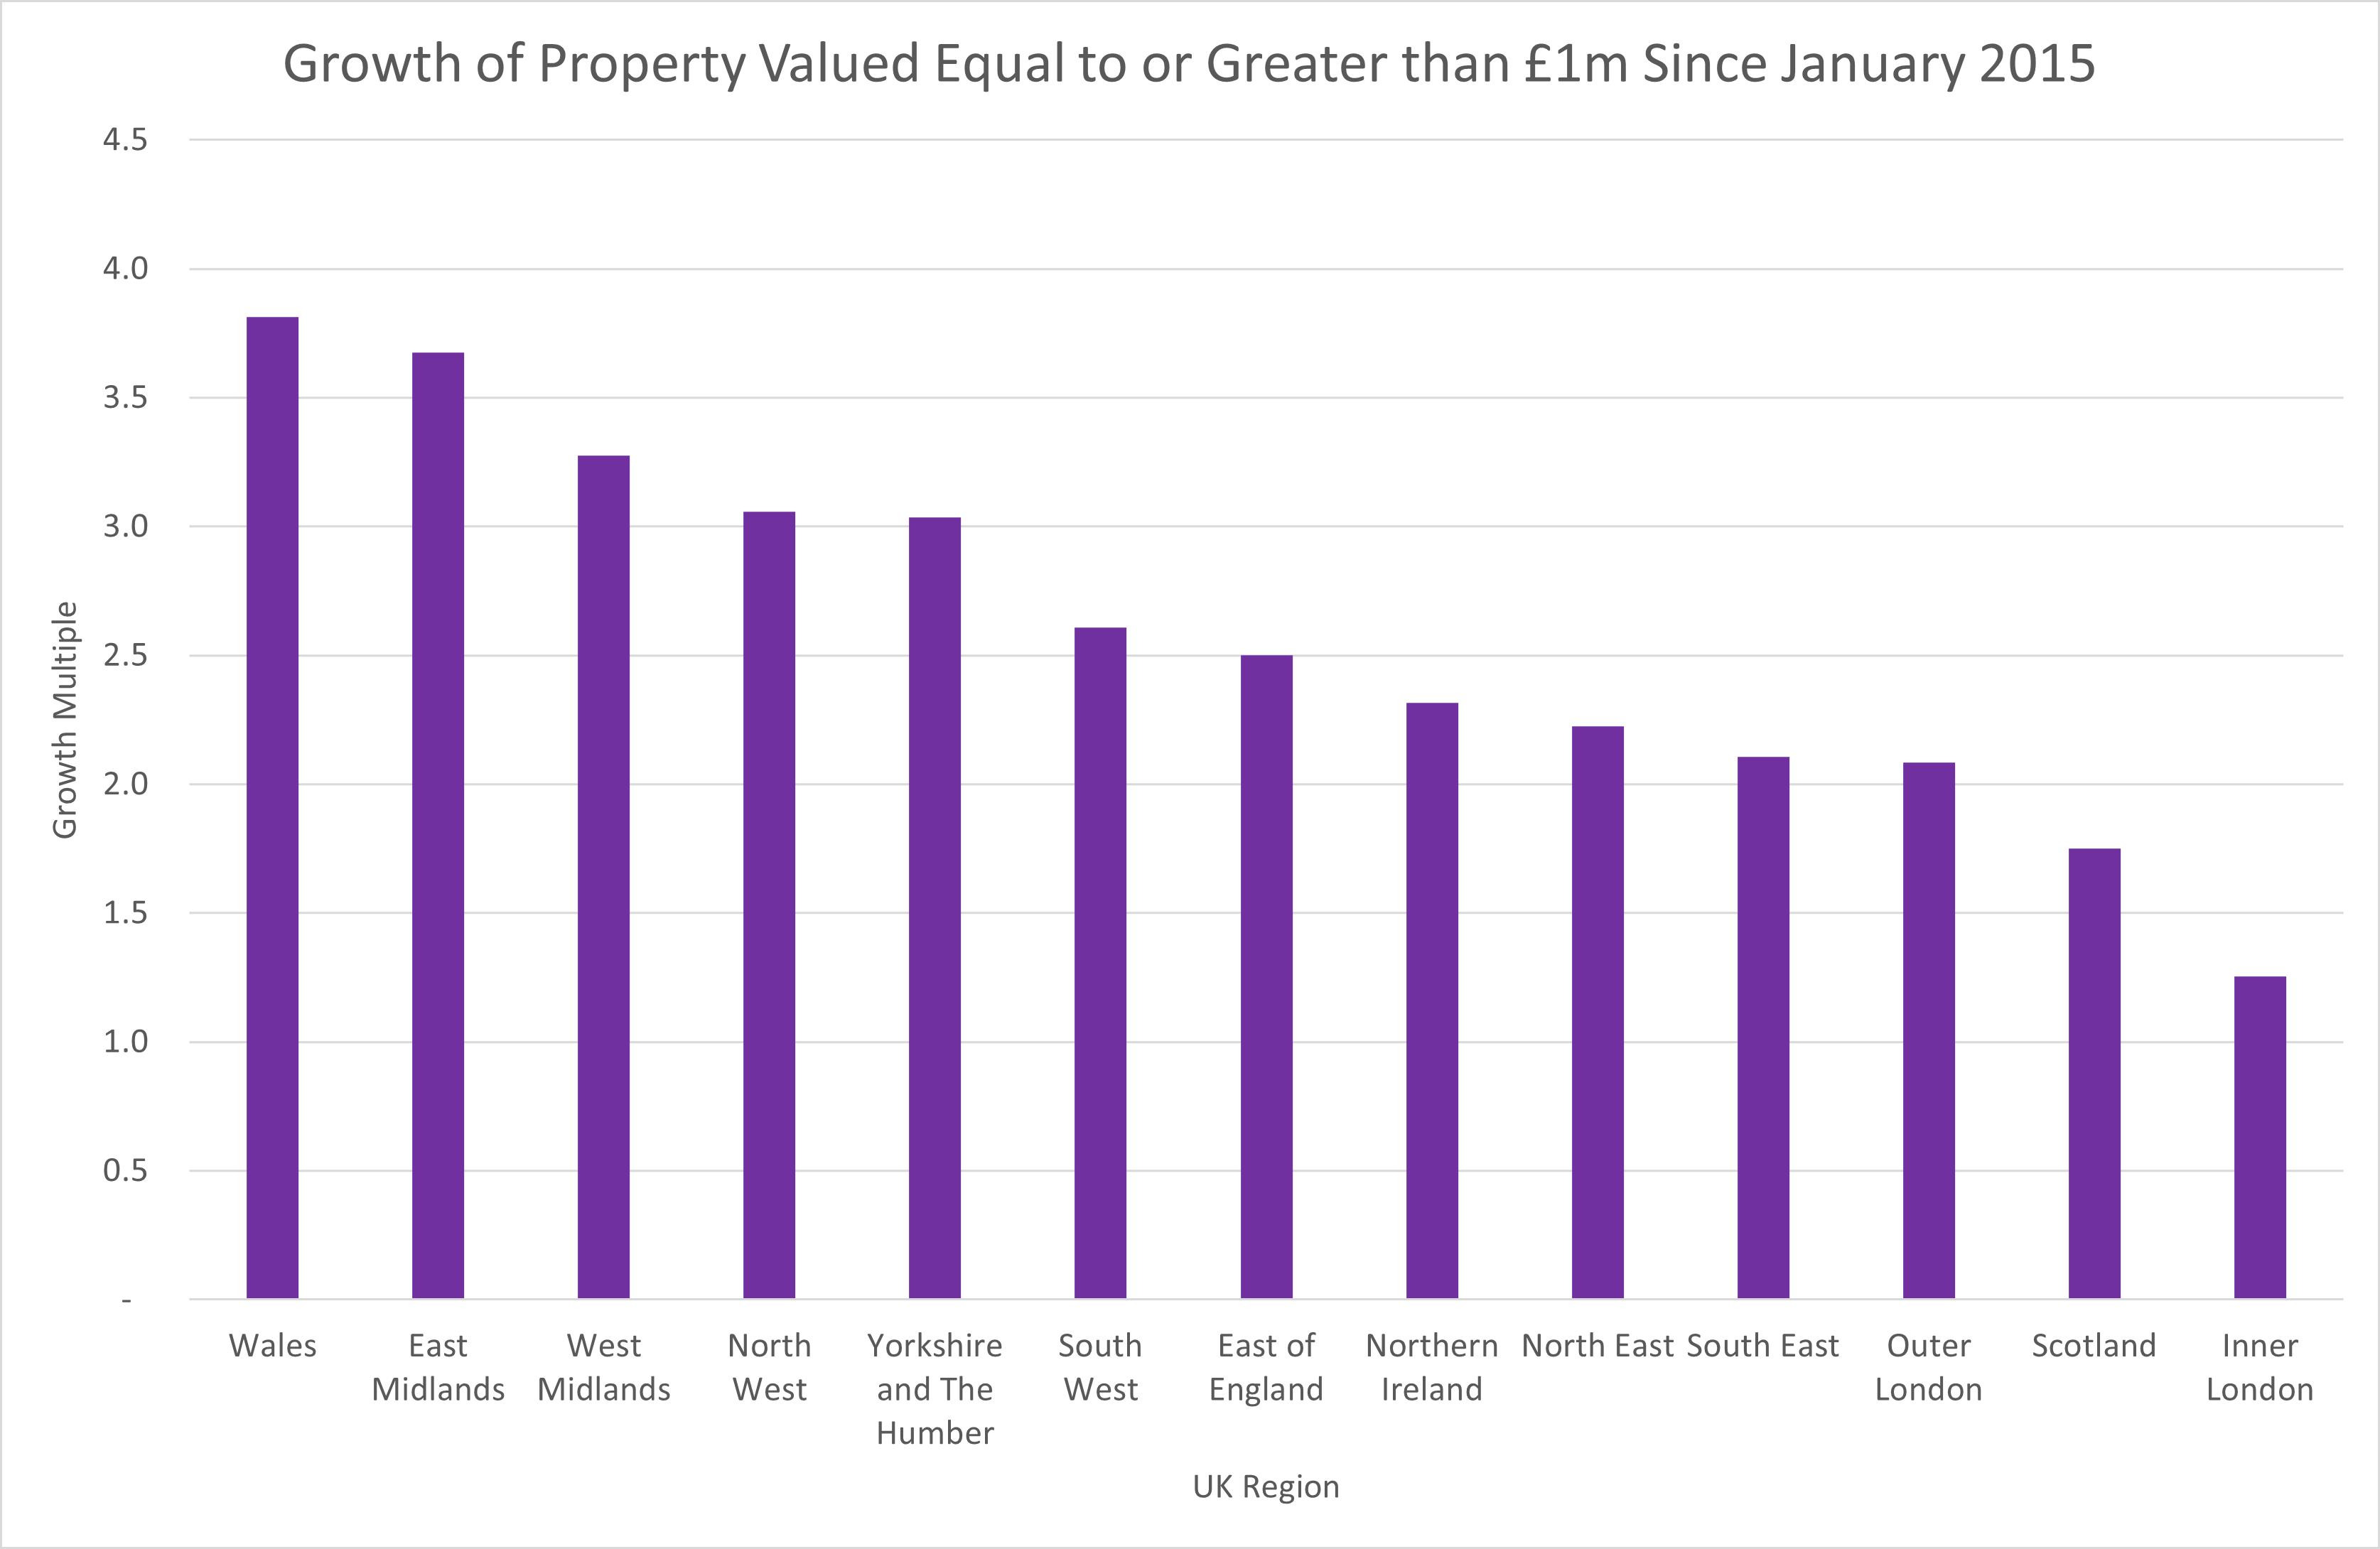 Growth by UK region